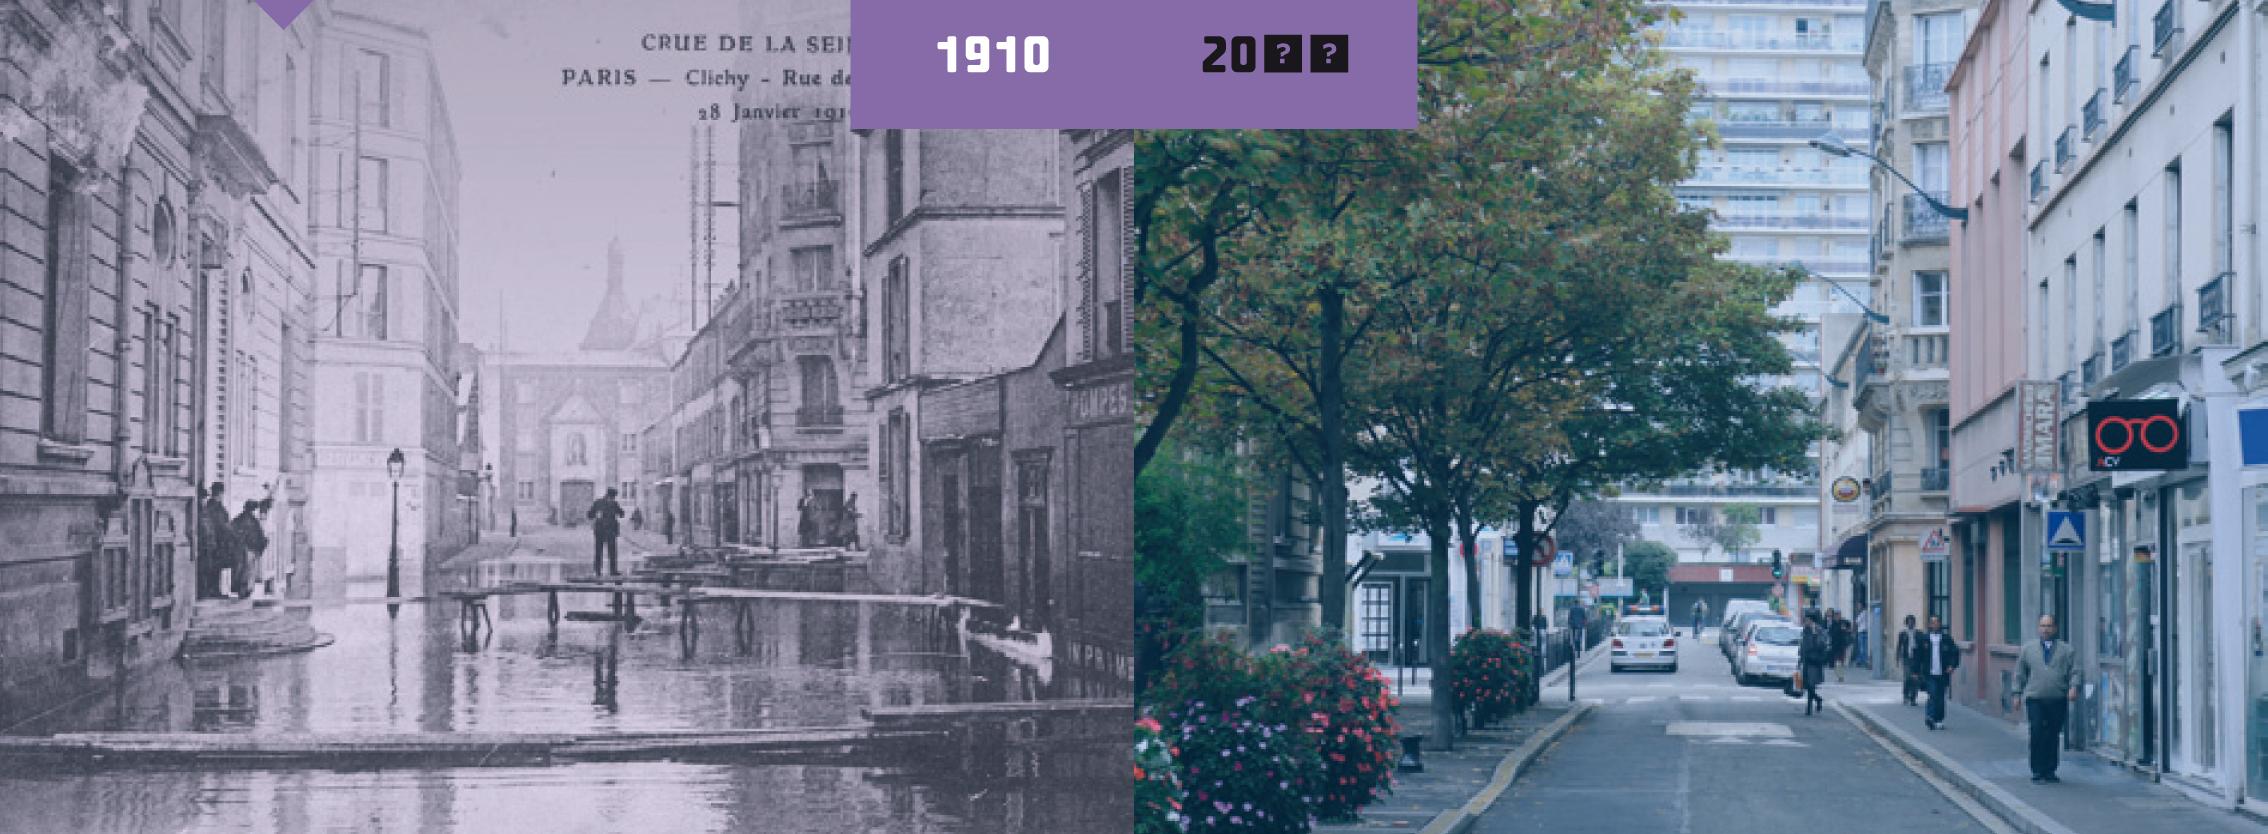 Clichy en 1910 et un siècle plus tard